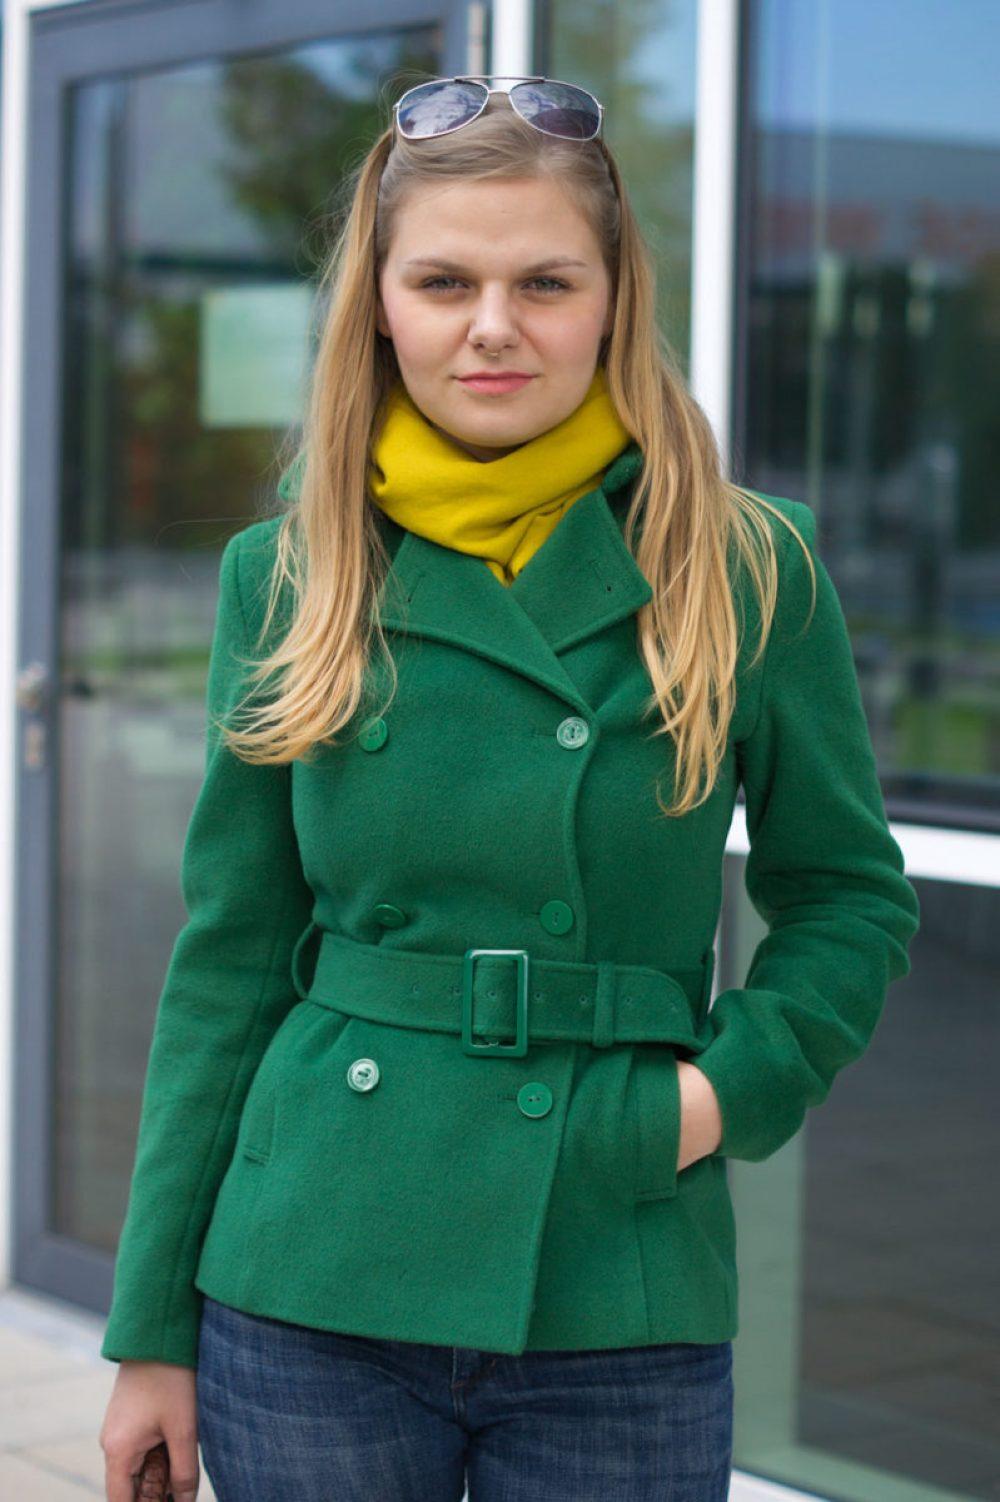 yellowgirl_kurzer-trenchcoat-ck-jenas-miumiu-tasche-gelber-schal_8